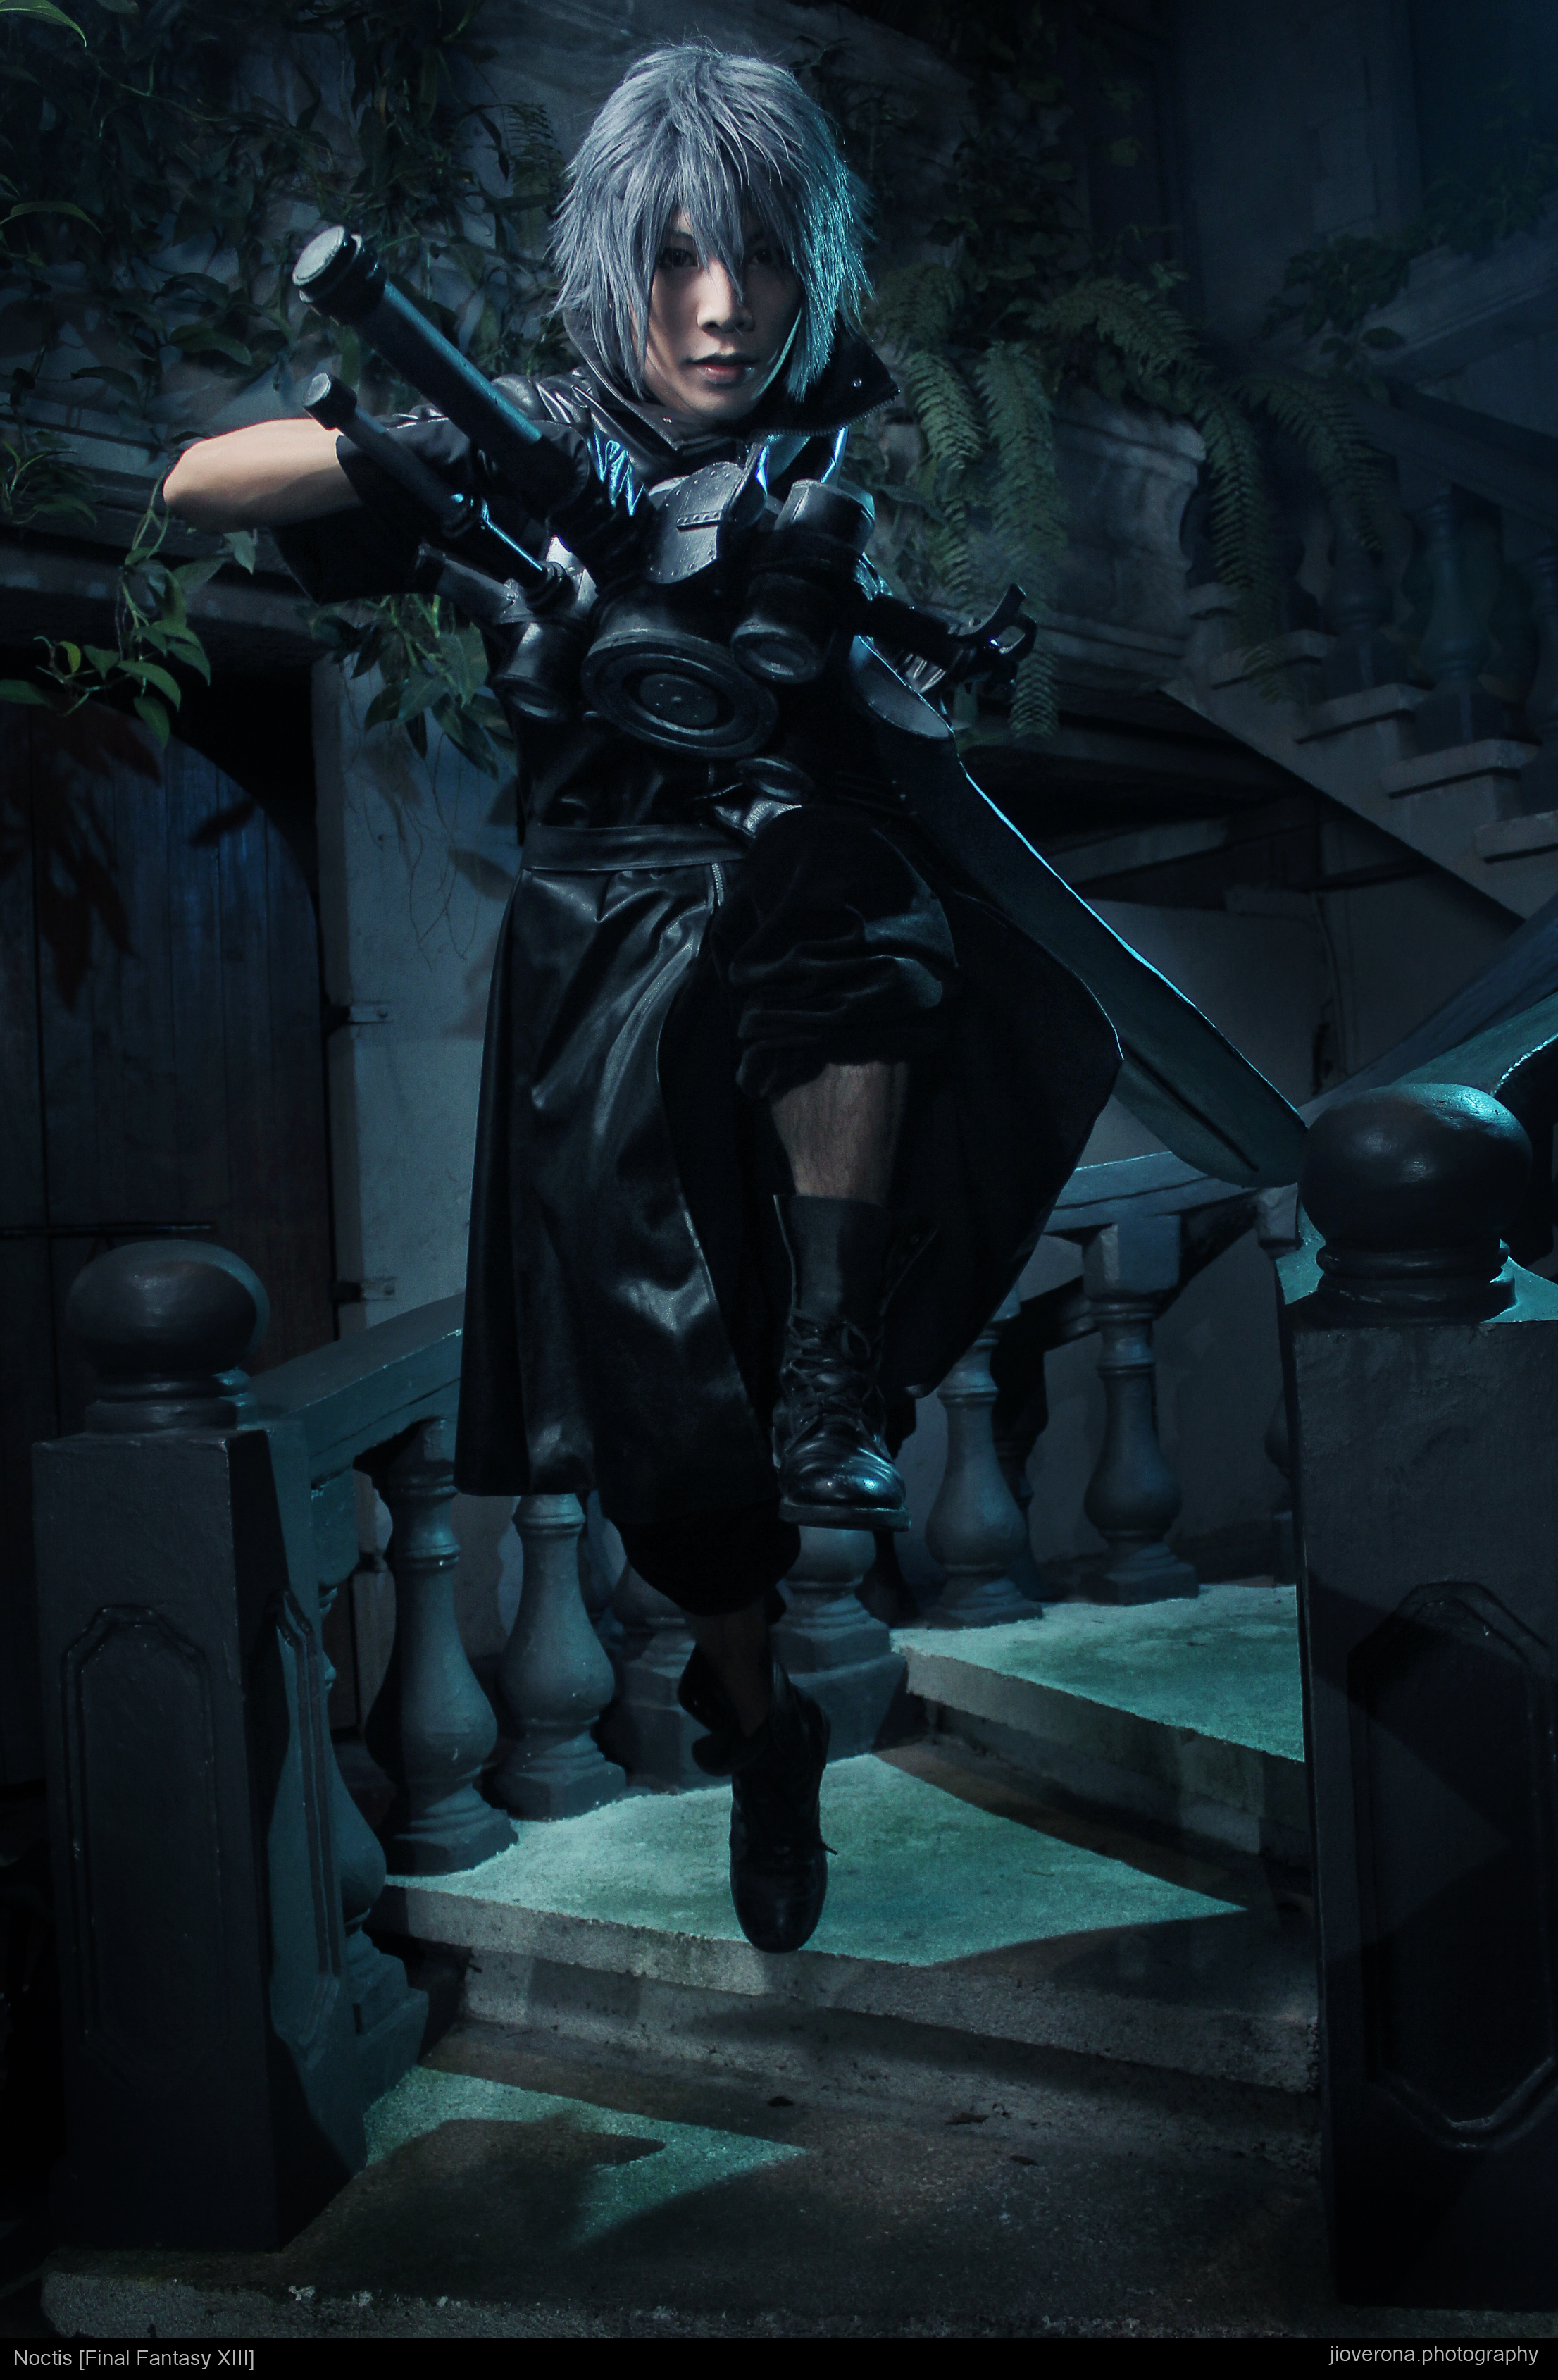 Noctis [Final Fantasy Versus XIII]